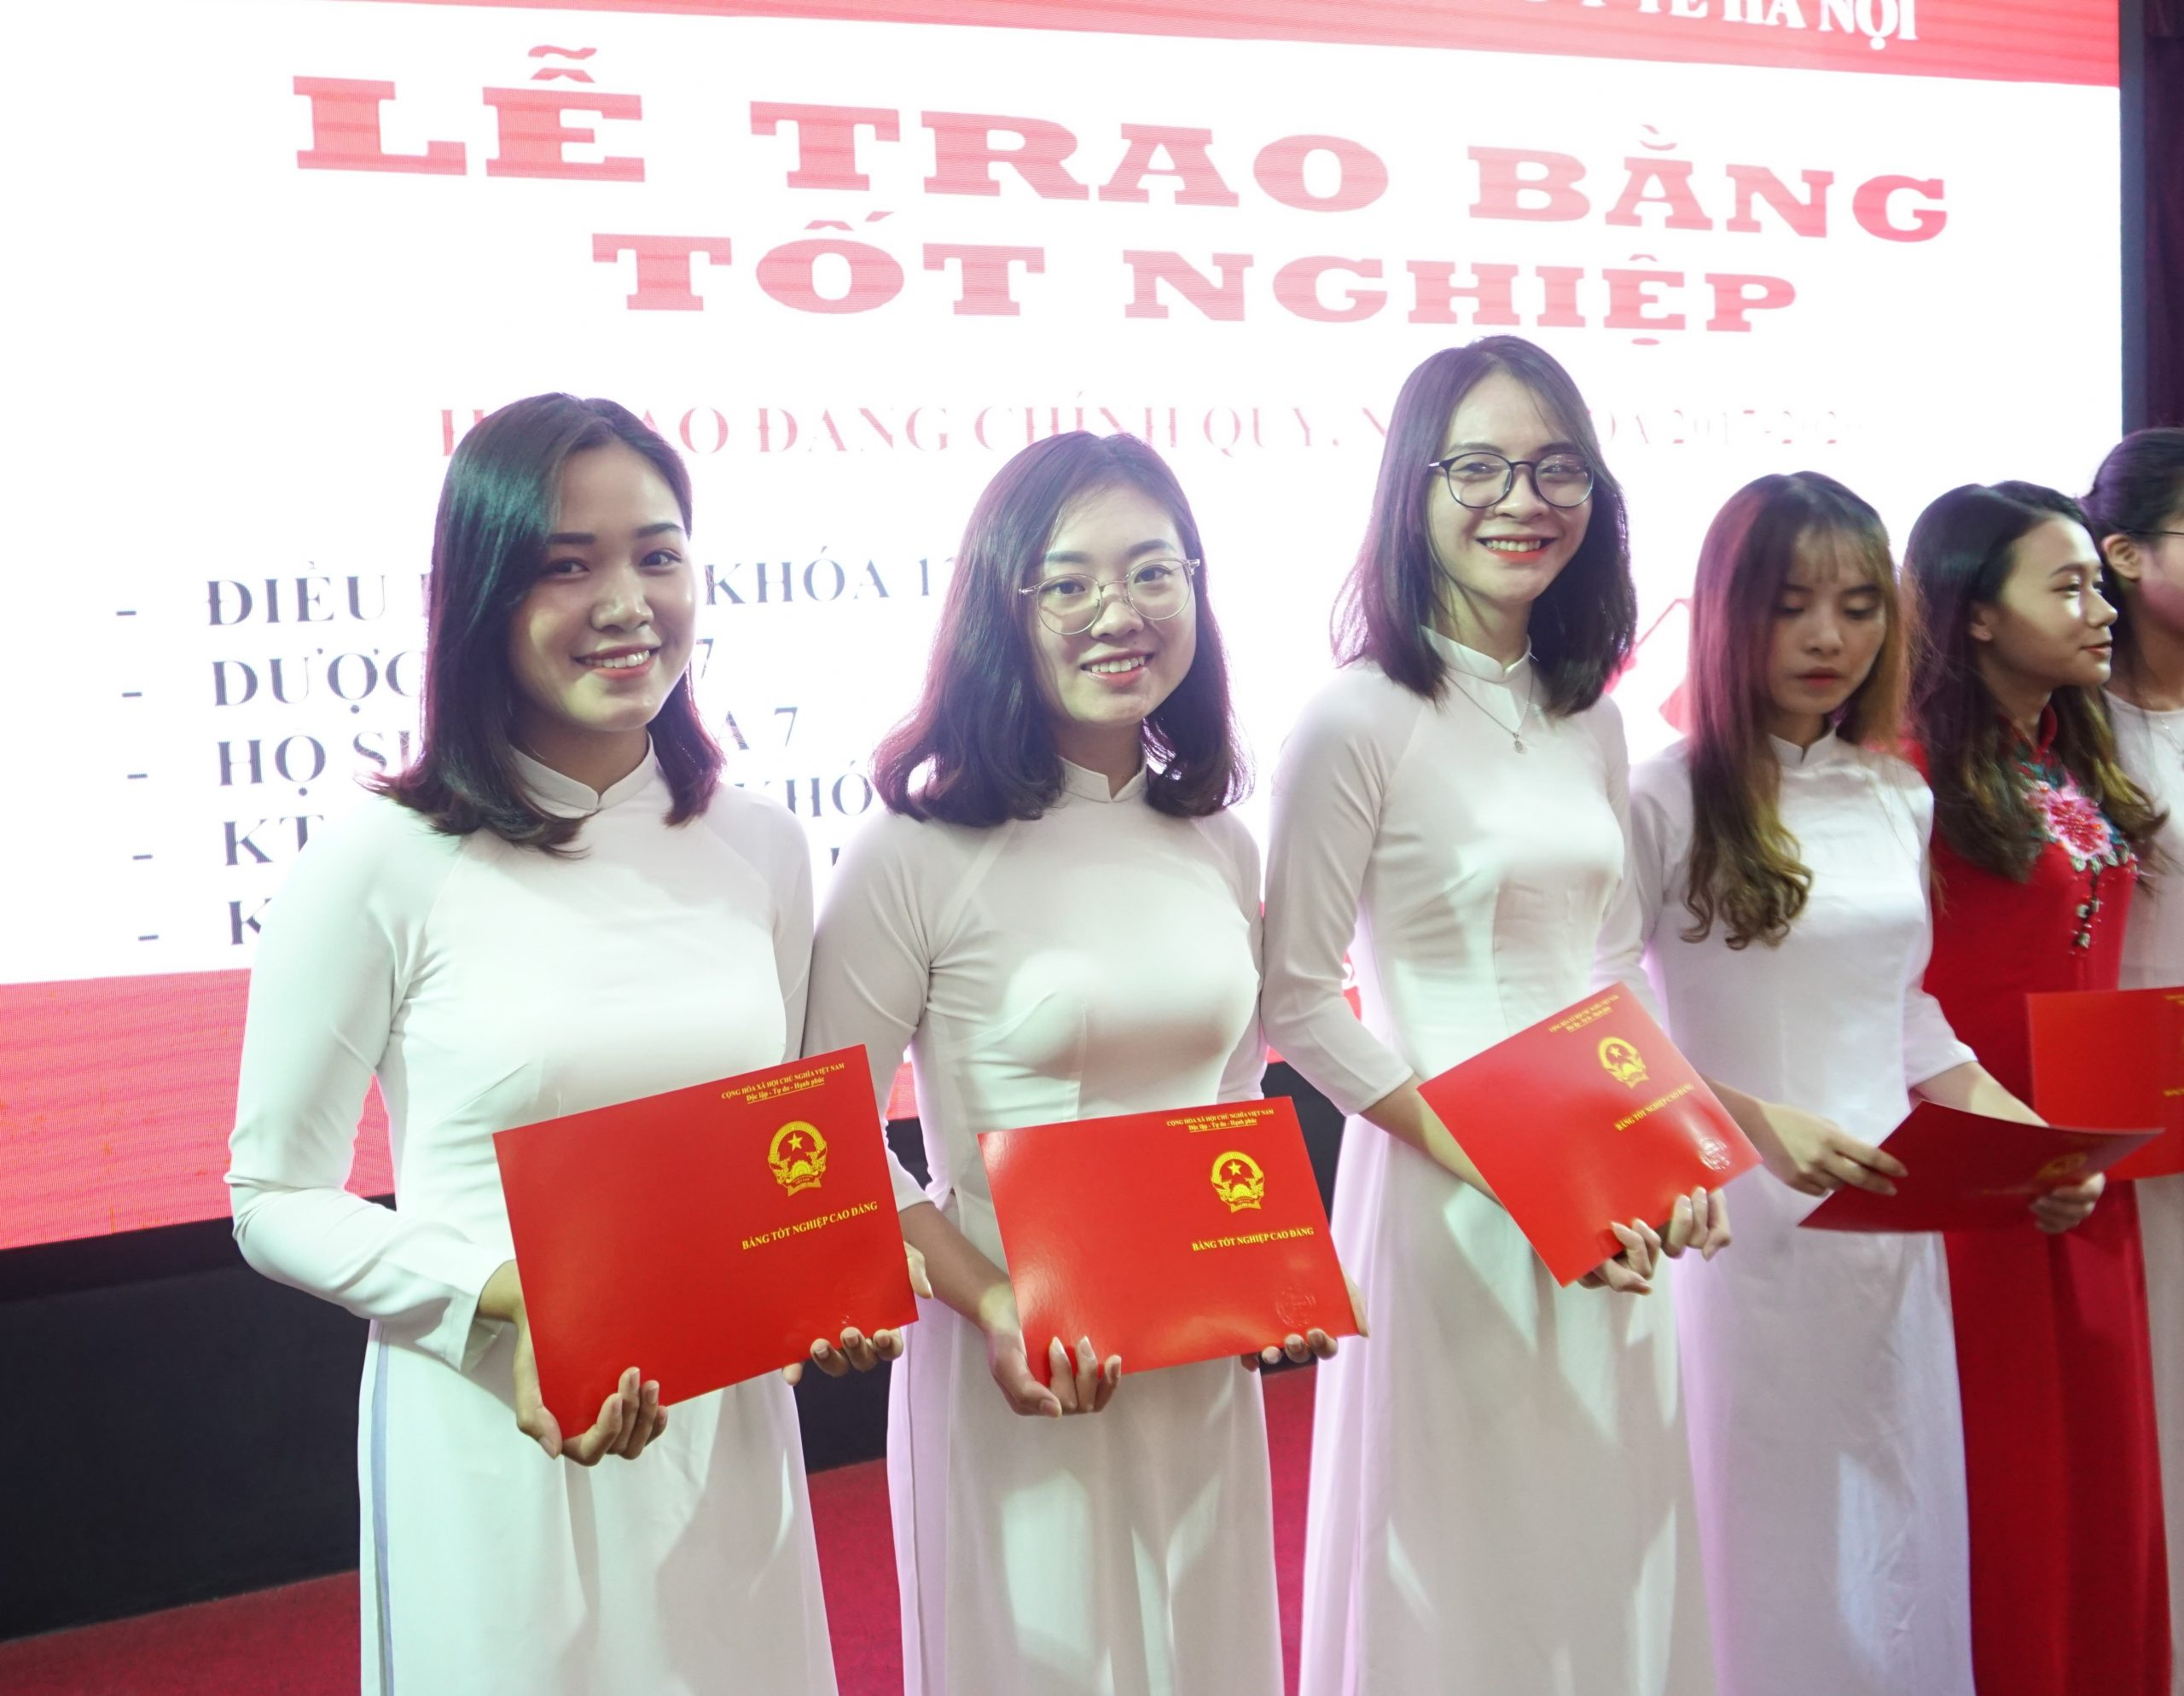 Nụ cười hạnh phúc của các bạn sinh viên ngày nhận bằng tốt nghiệp